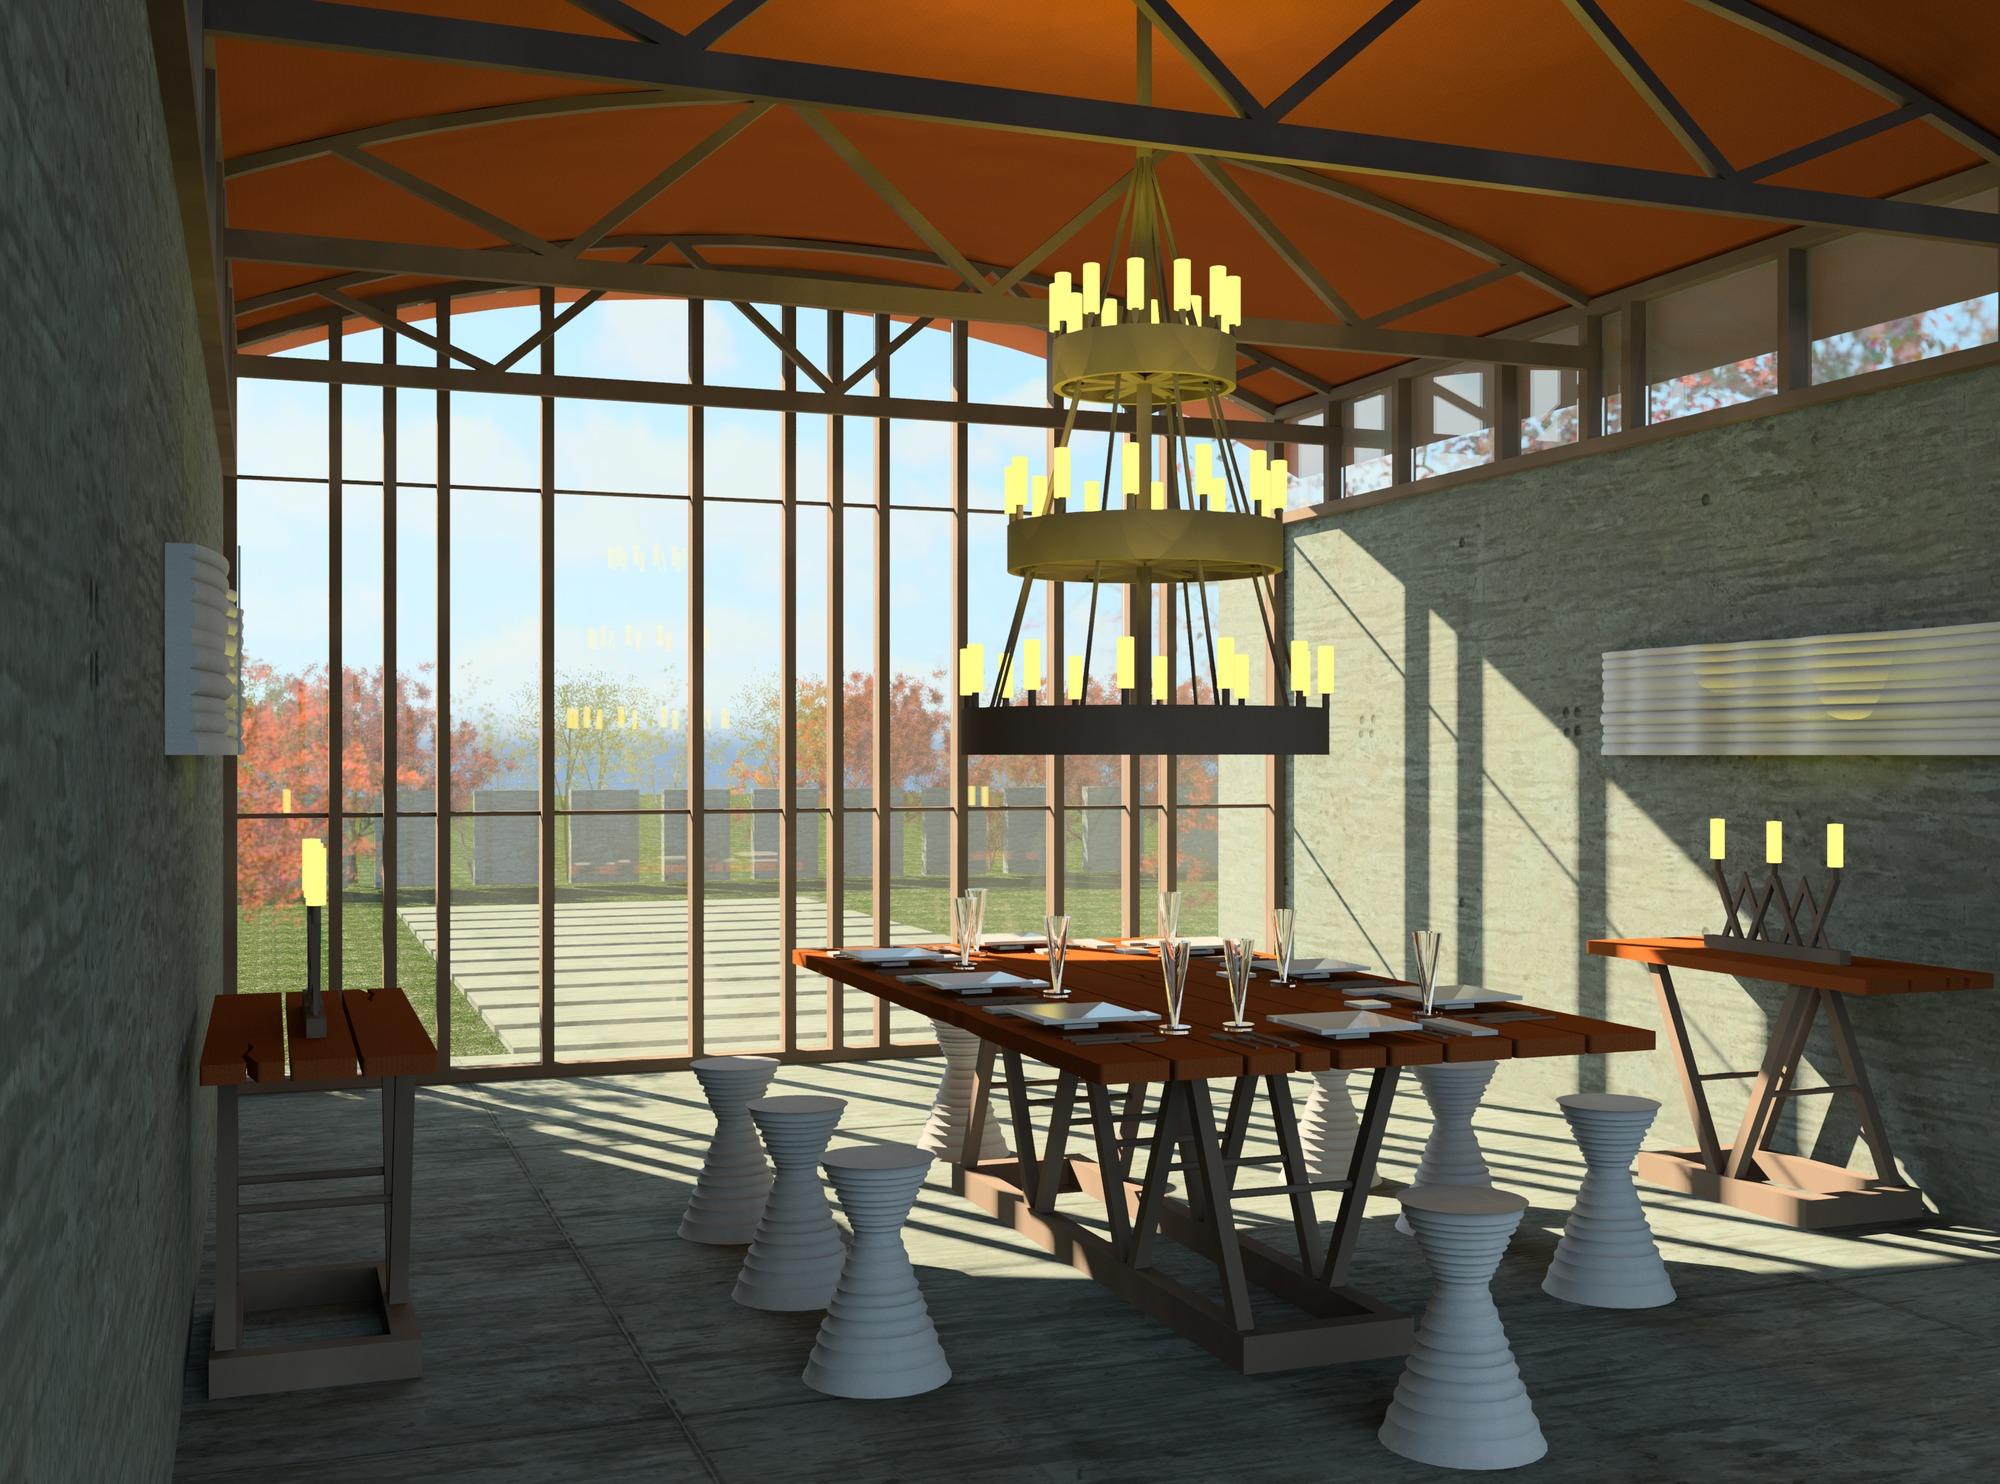 Raas-rendering20141207-31612-9dclop